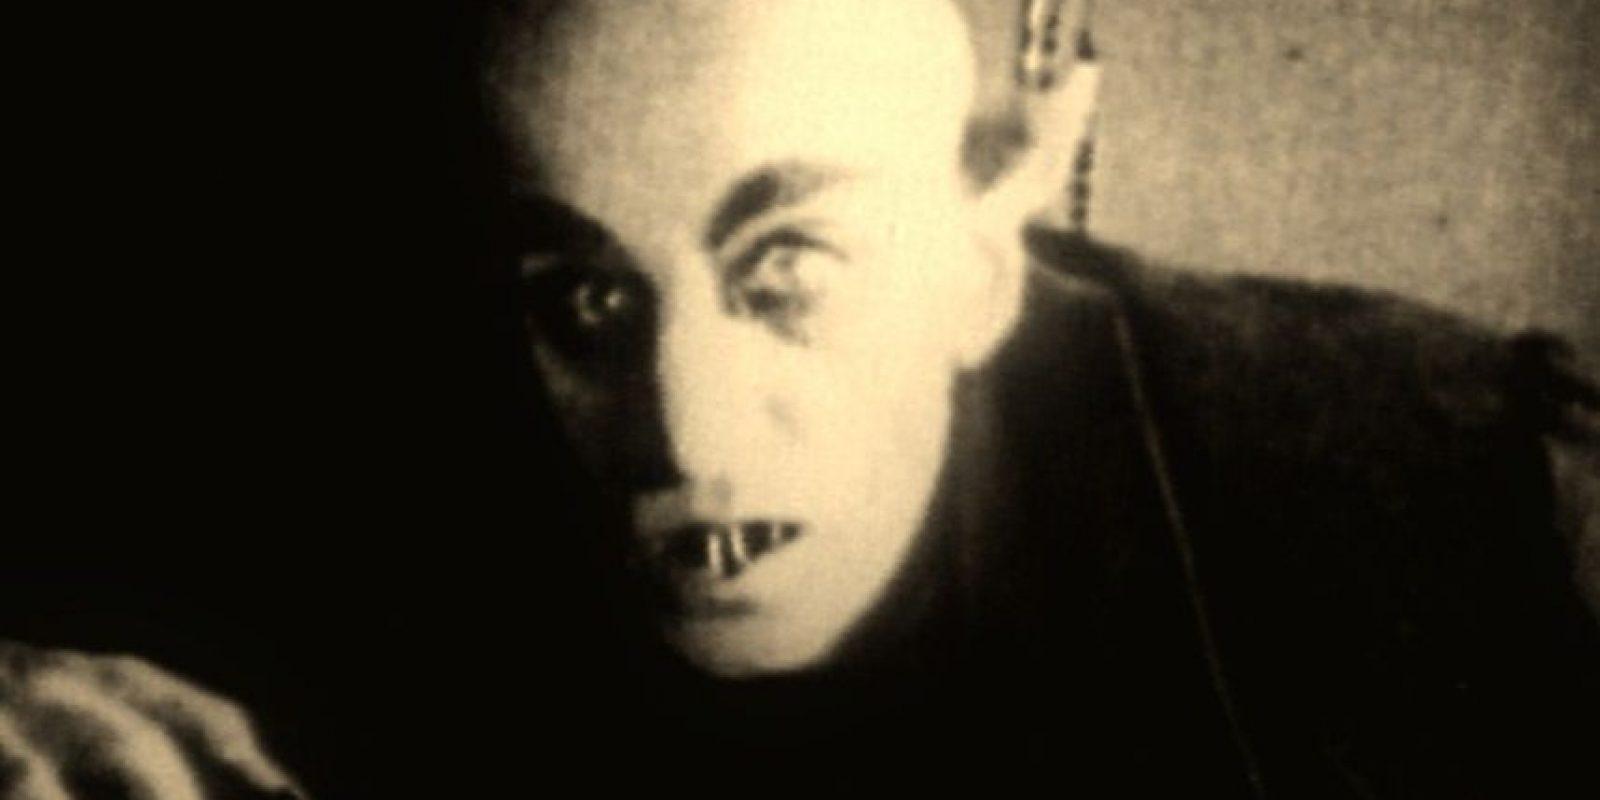 Misterio, suspenso en su esencia más pura. Elegancia, horror puro. Eso era Nosferatu, el primer gran vampiro que conoció la cultura popular. Foto: Objetivocine